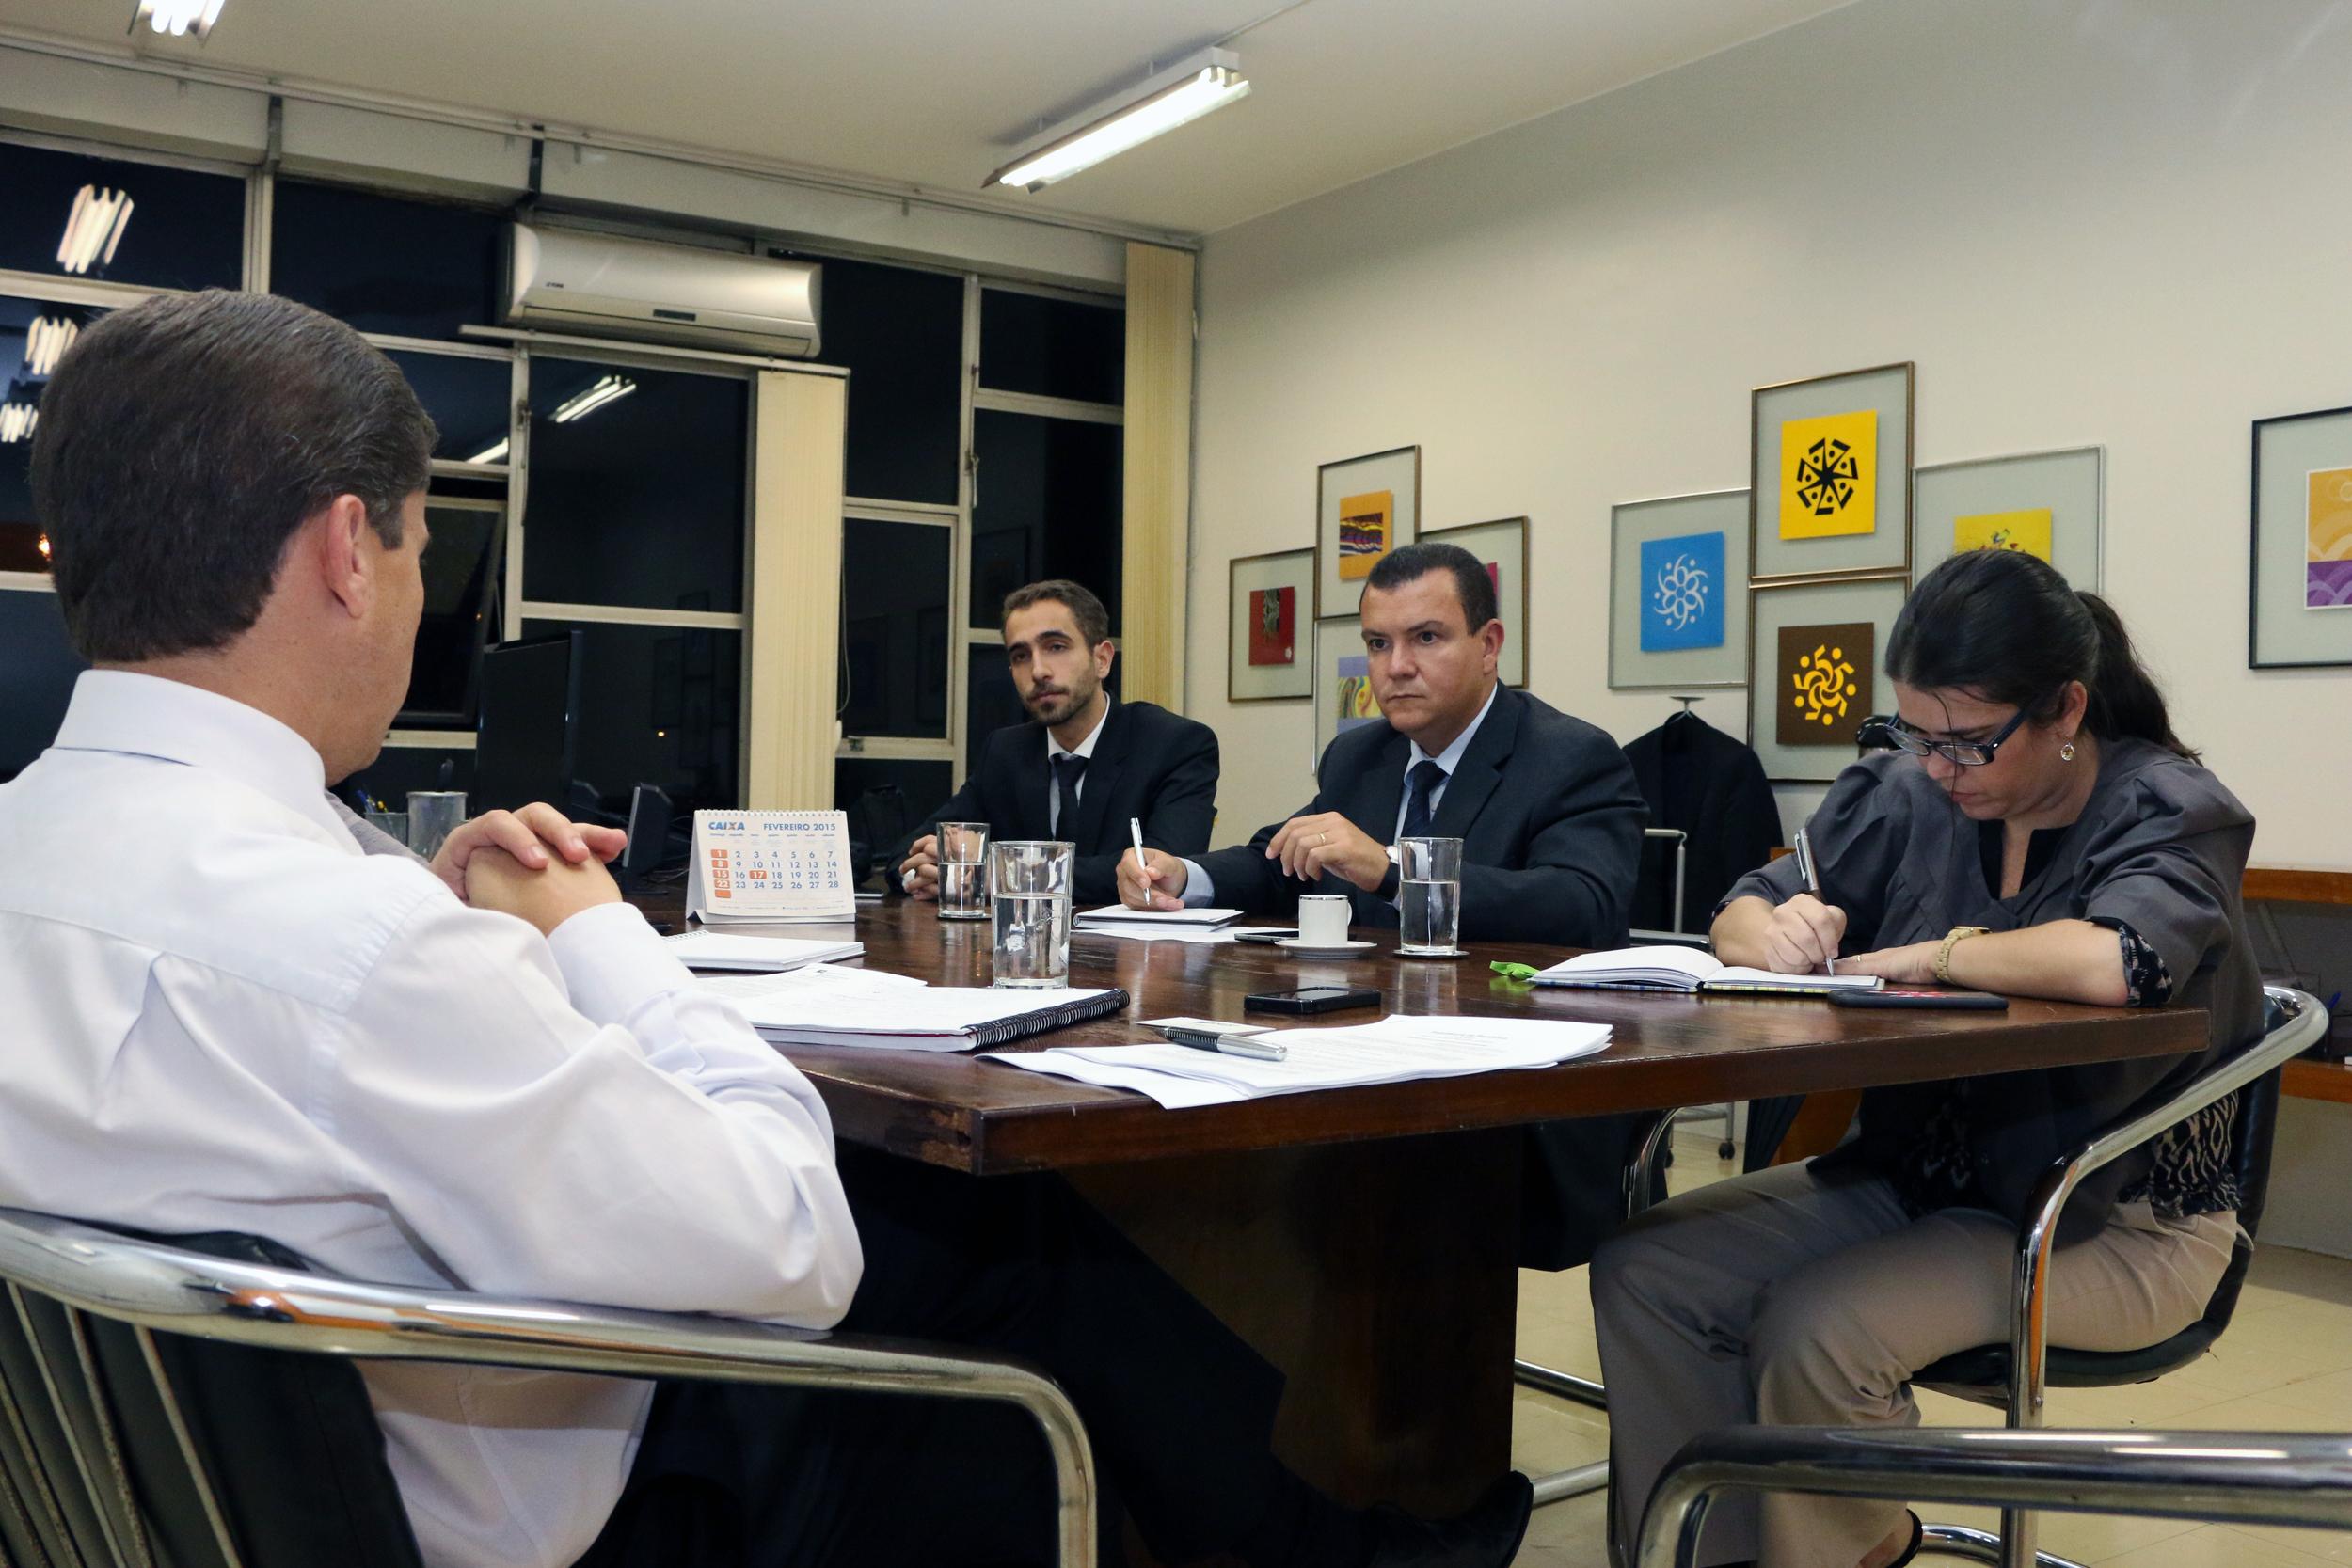 O PresidenteJoão Aurélio e o Diretor de ComunicaçãoMatheus Azevedoforam recebidos pelo Presidente da ENAP,Gleisson Rubin, e aChefe de Gabinete da ENAP,Aline Soares, ambos EPPGGs. Foto: Filipe Calmon / ANESP